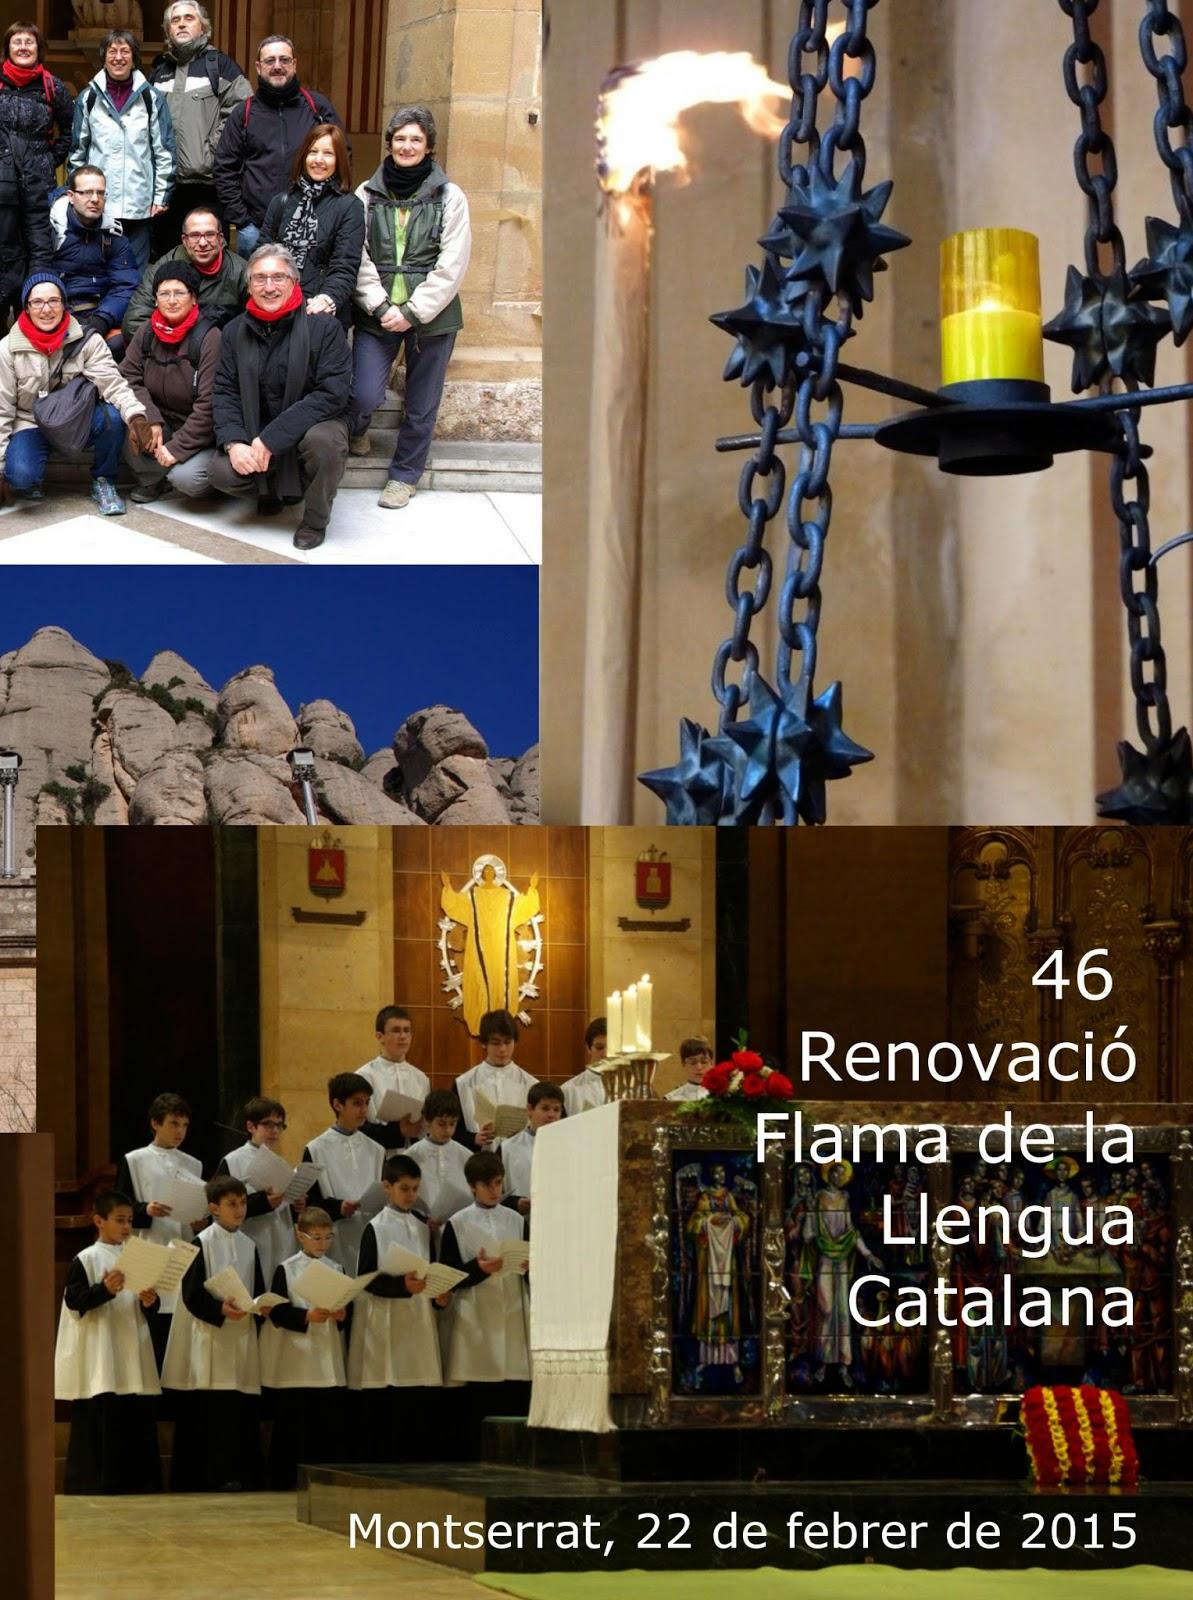 46 Renovació de la Flama Catalana